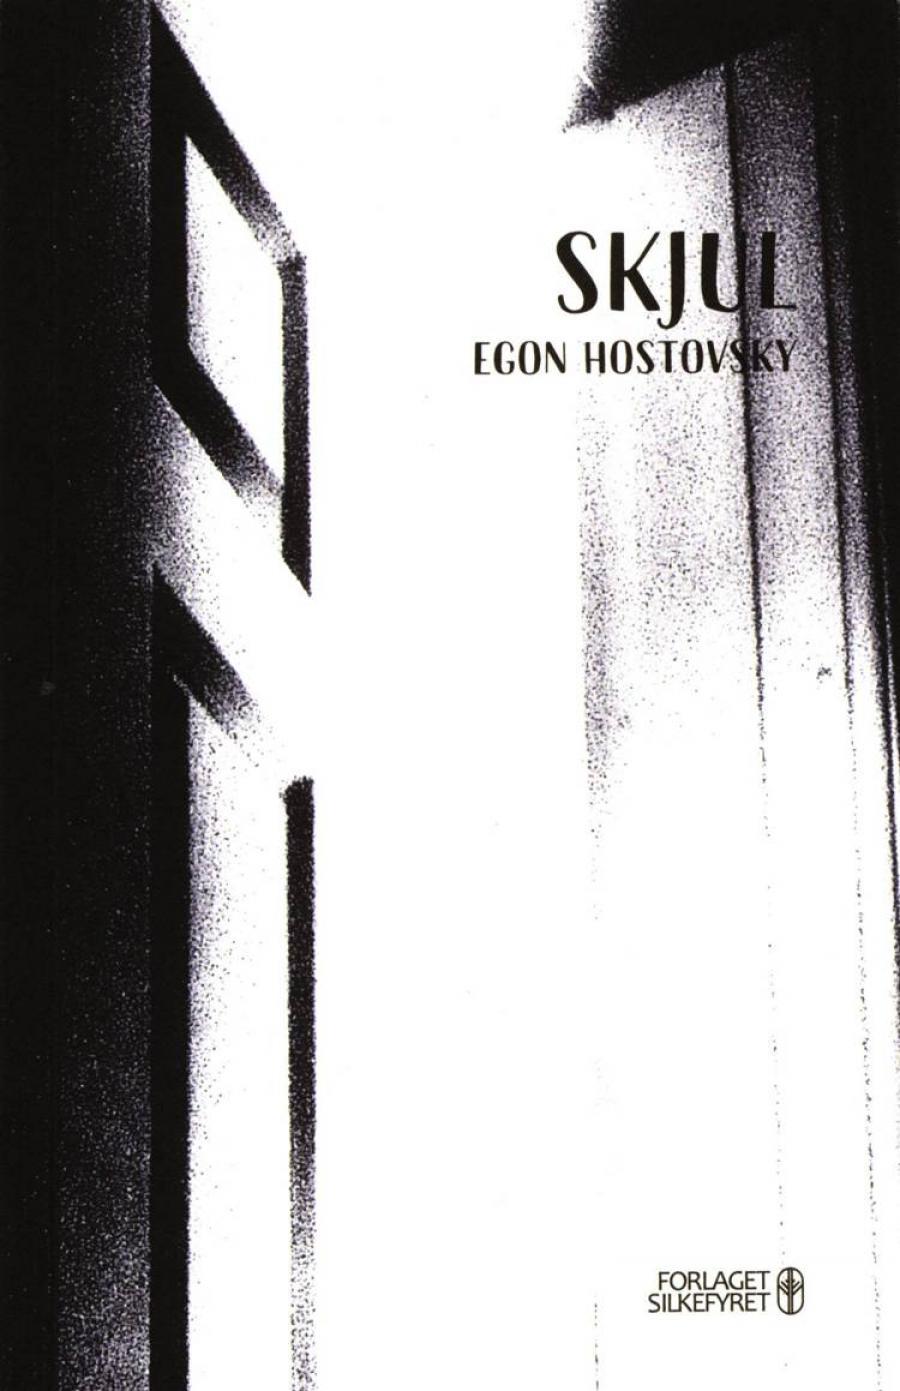 Bogforside til Skjul af Egon Hostovsky